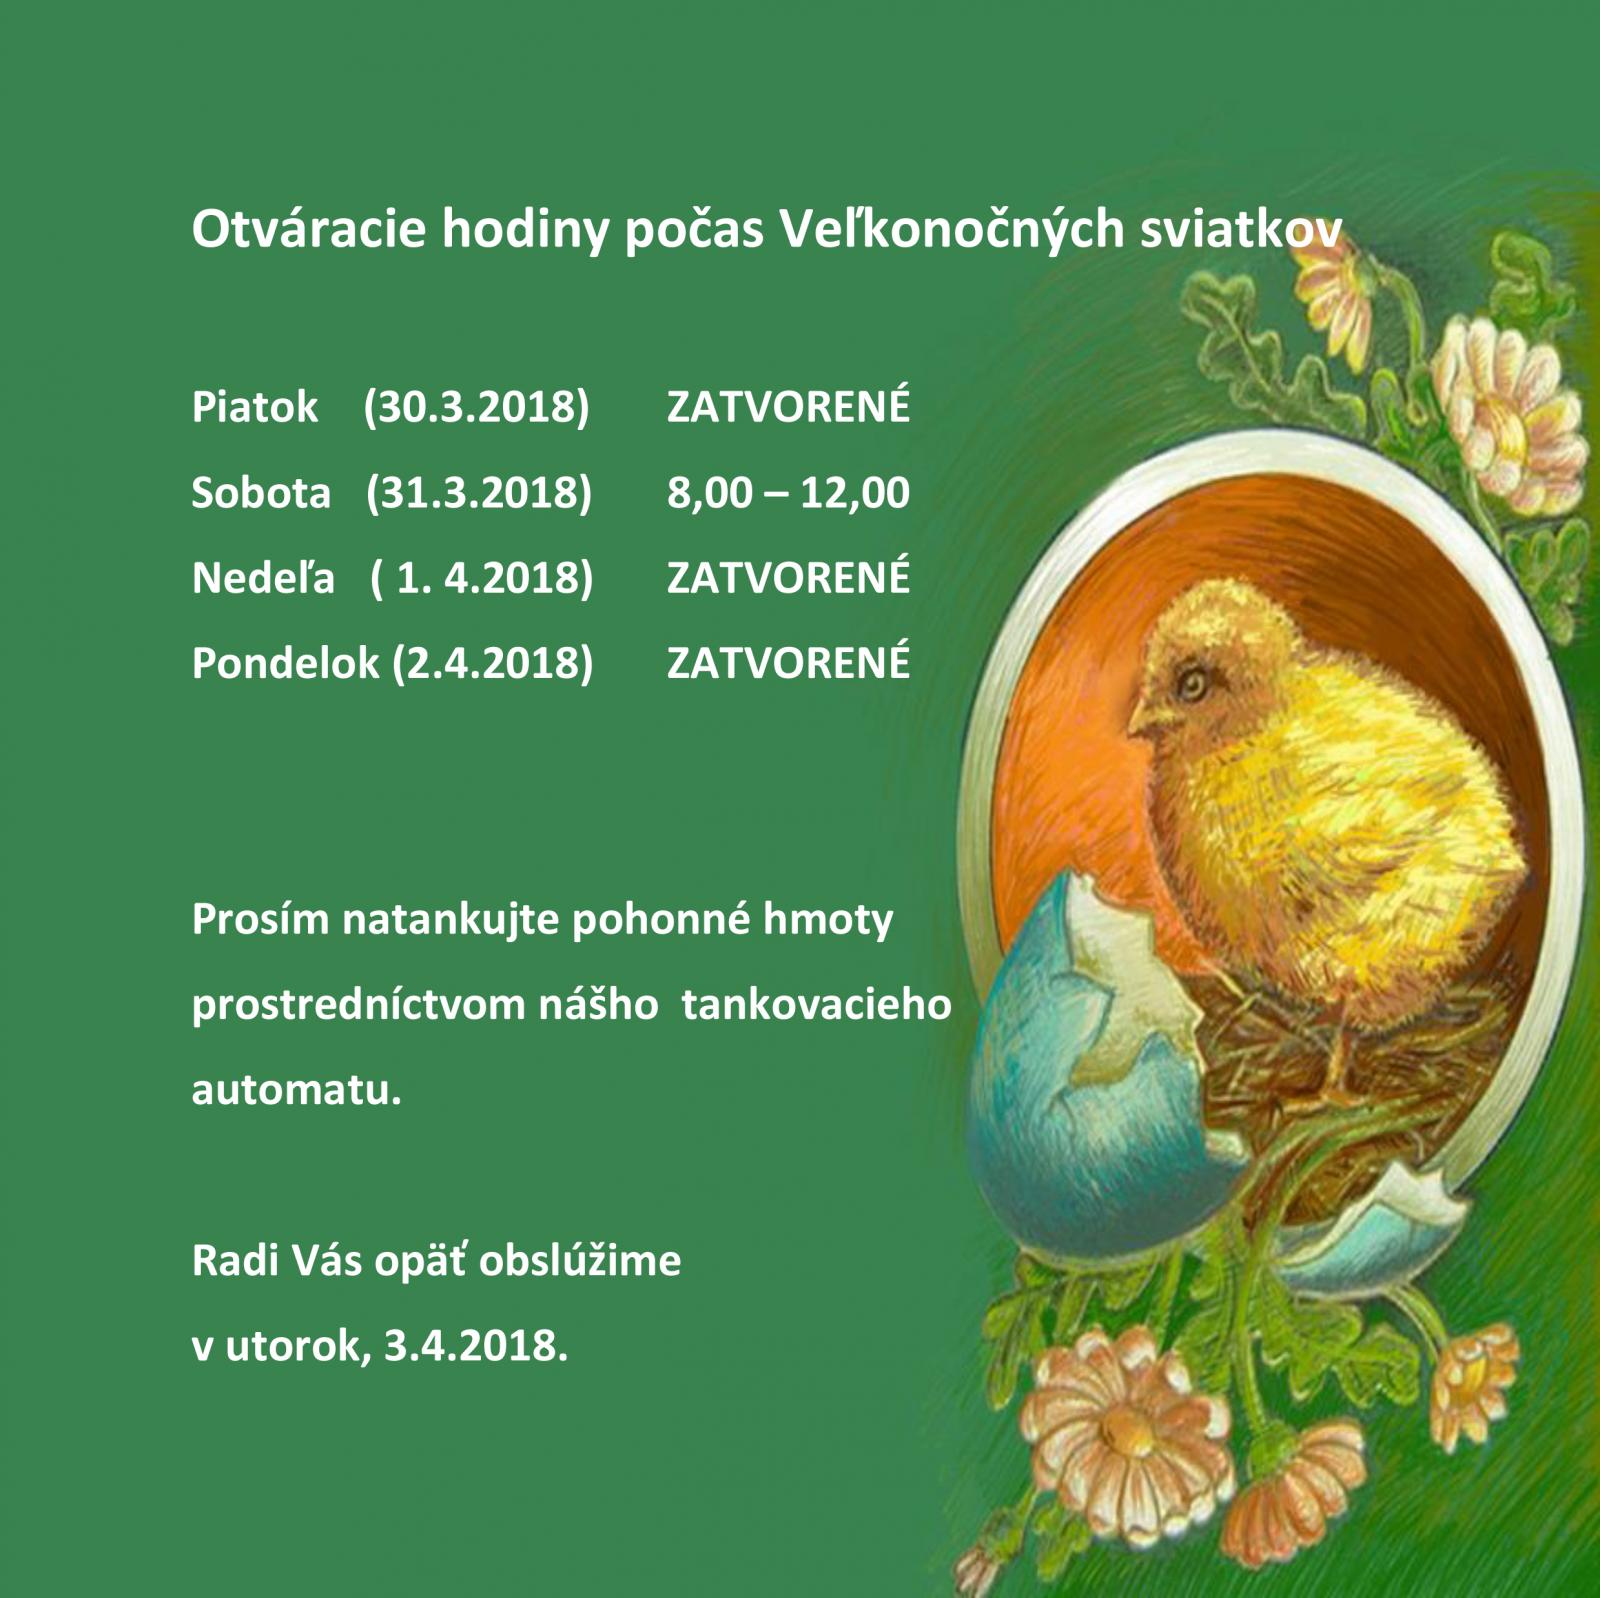 Otváracie hodiny počas veľkonočných sviatkov – ewiGO Banská Bystrica 6ba34e8fe8c